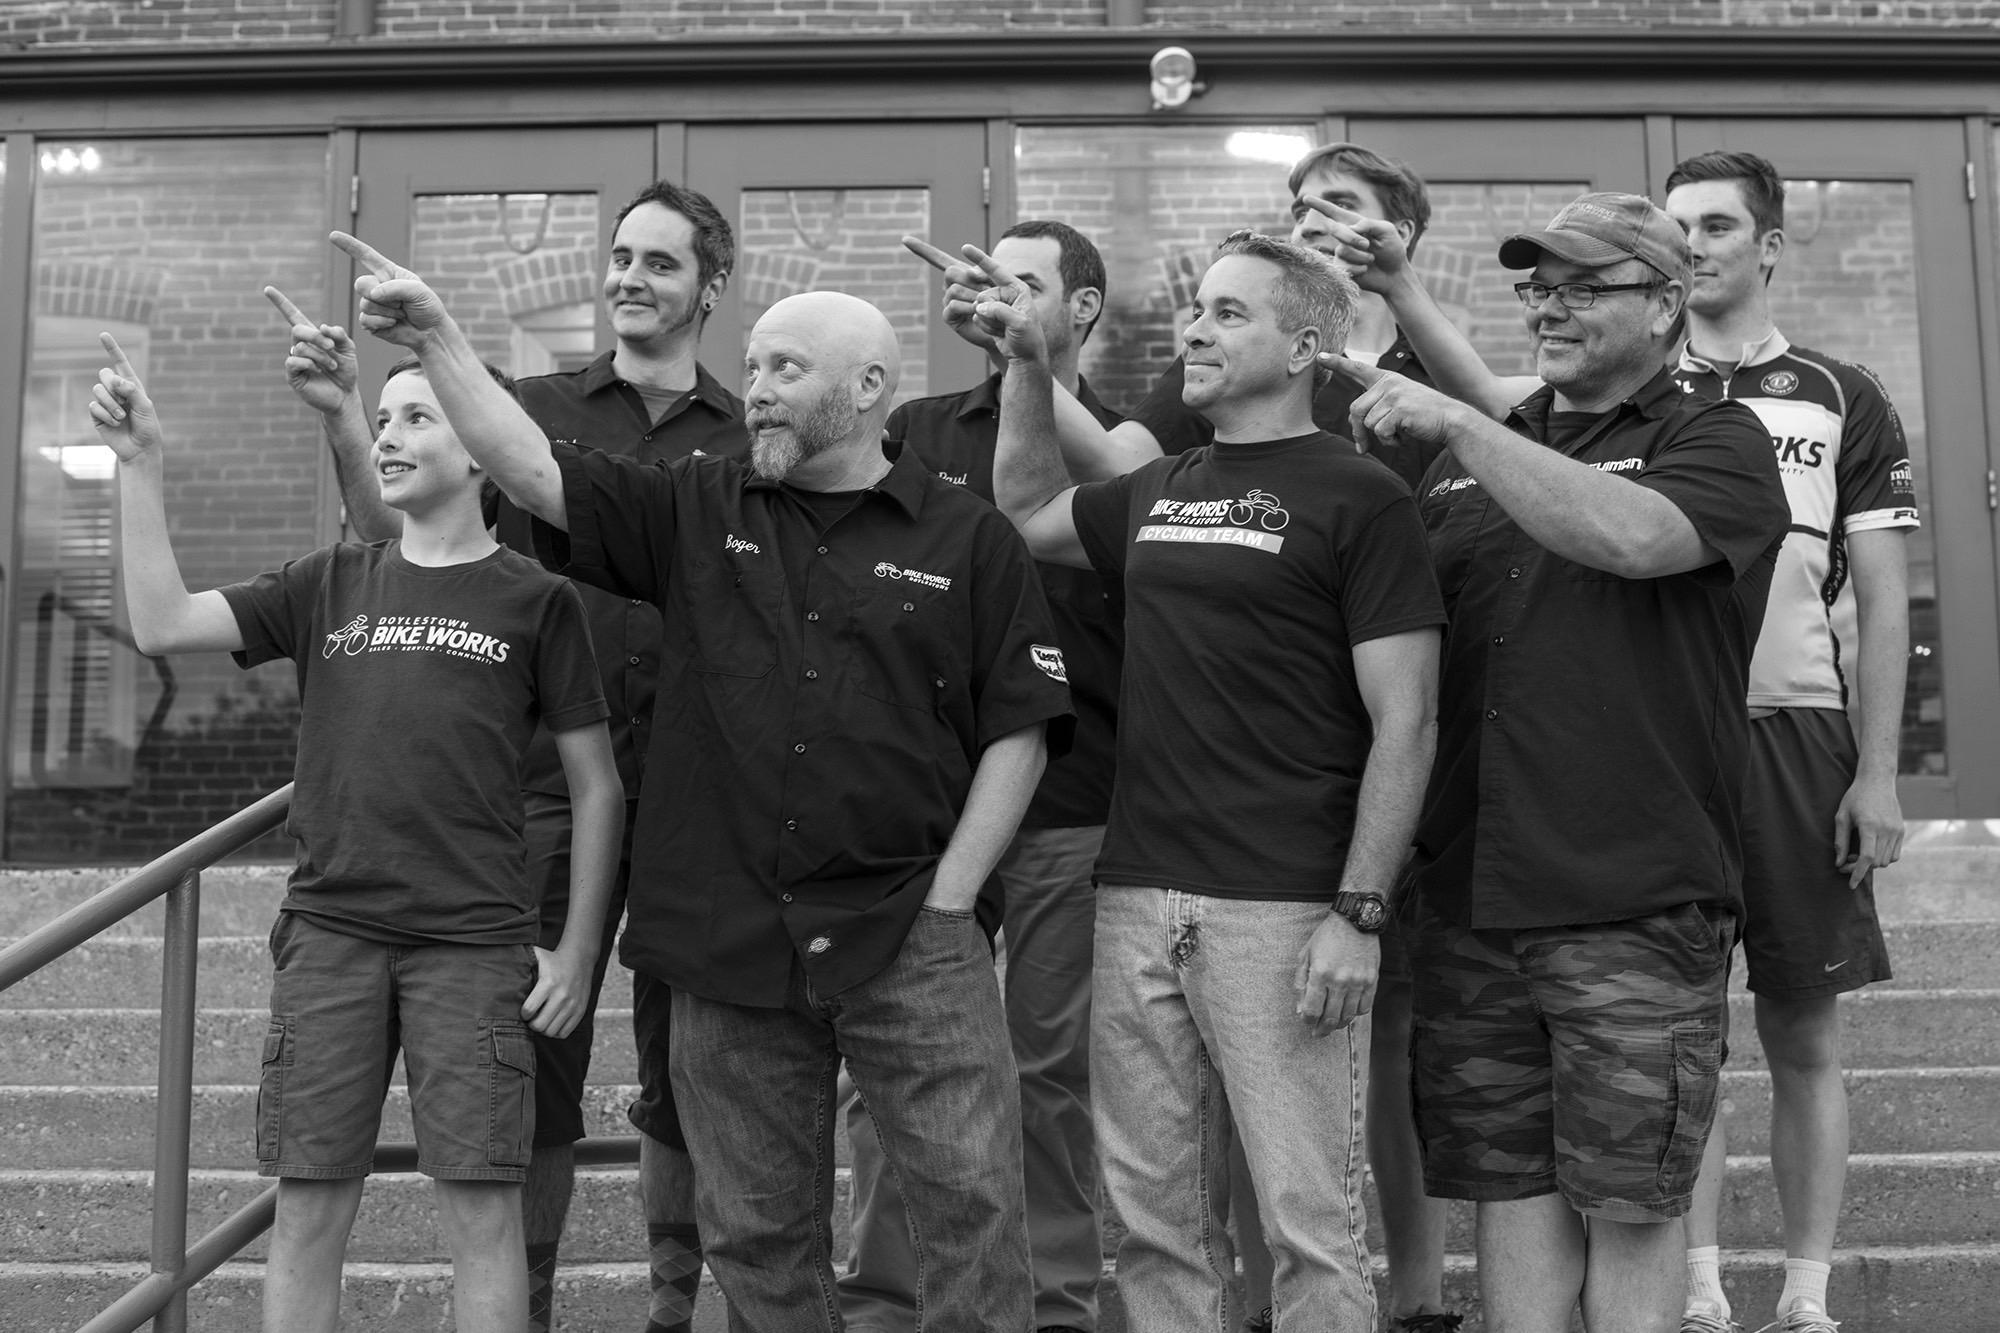 The Bike Works Team